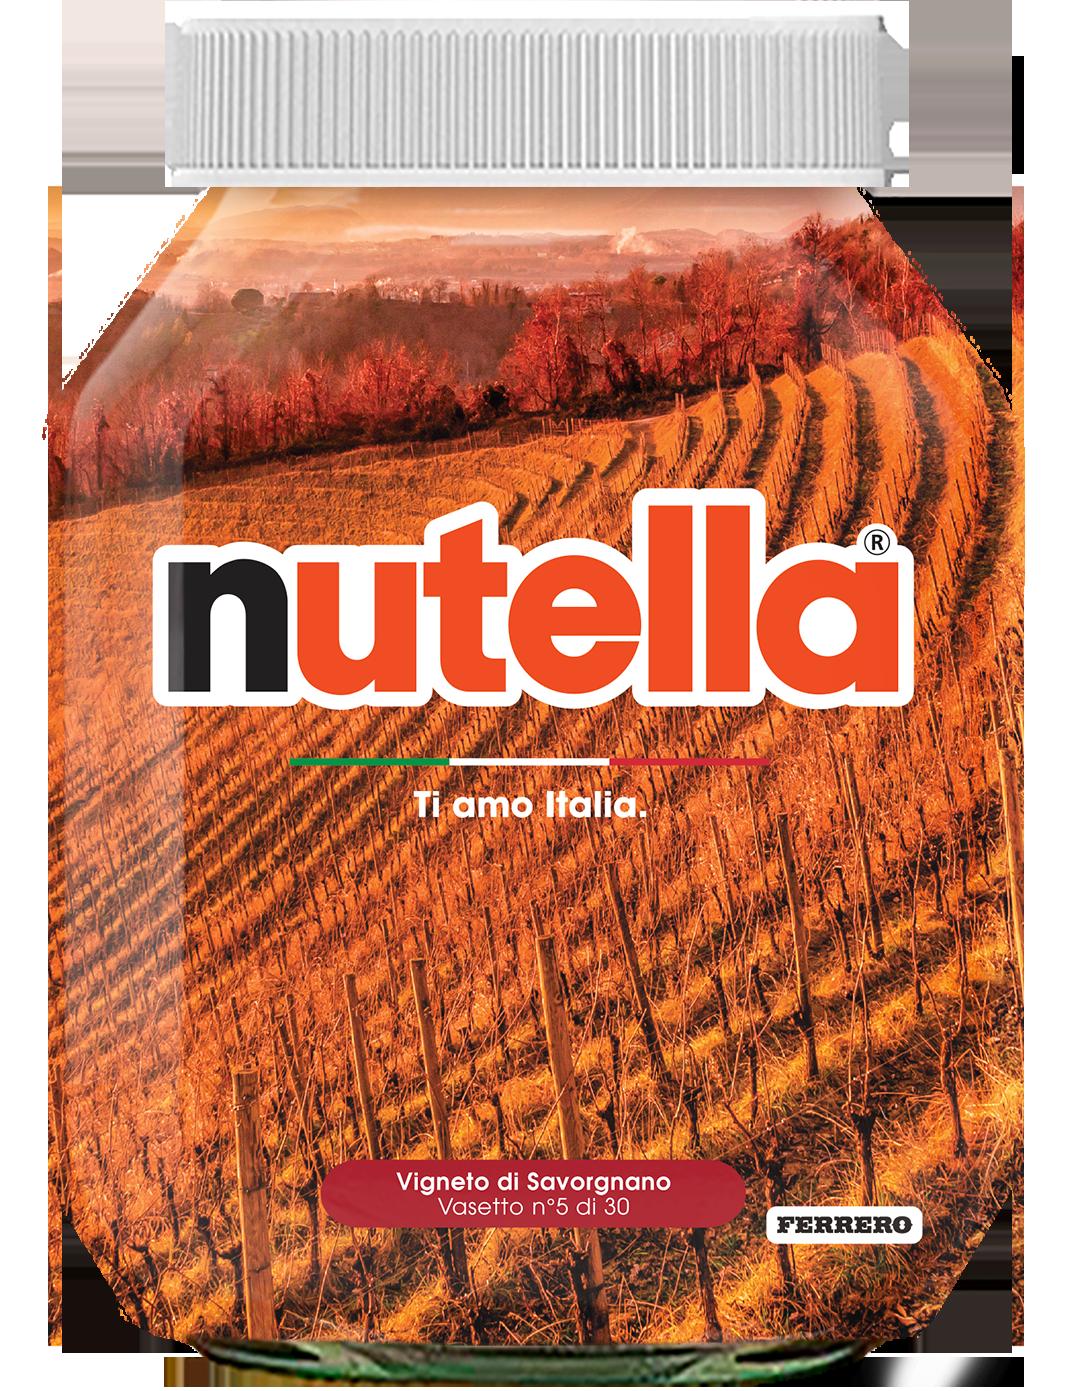 Friuli Venezia Giulia - Vigneto di Savorgnano - i vasetti di nutella dedicati all'italia